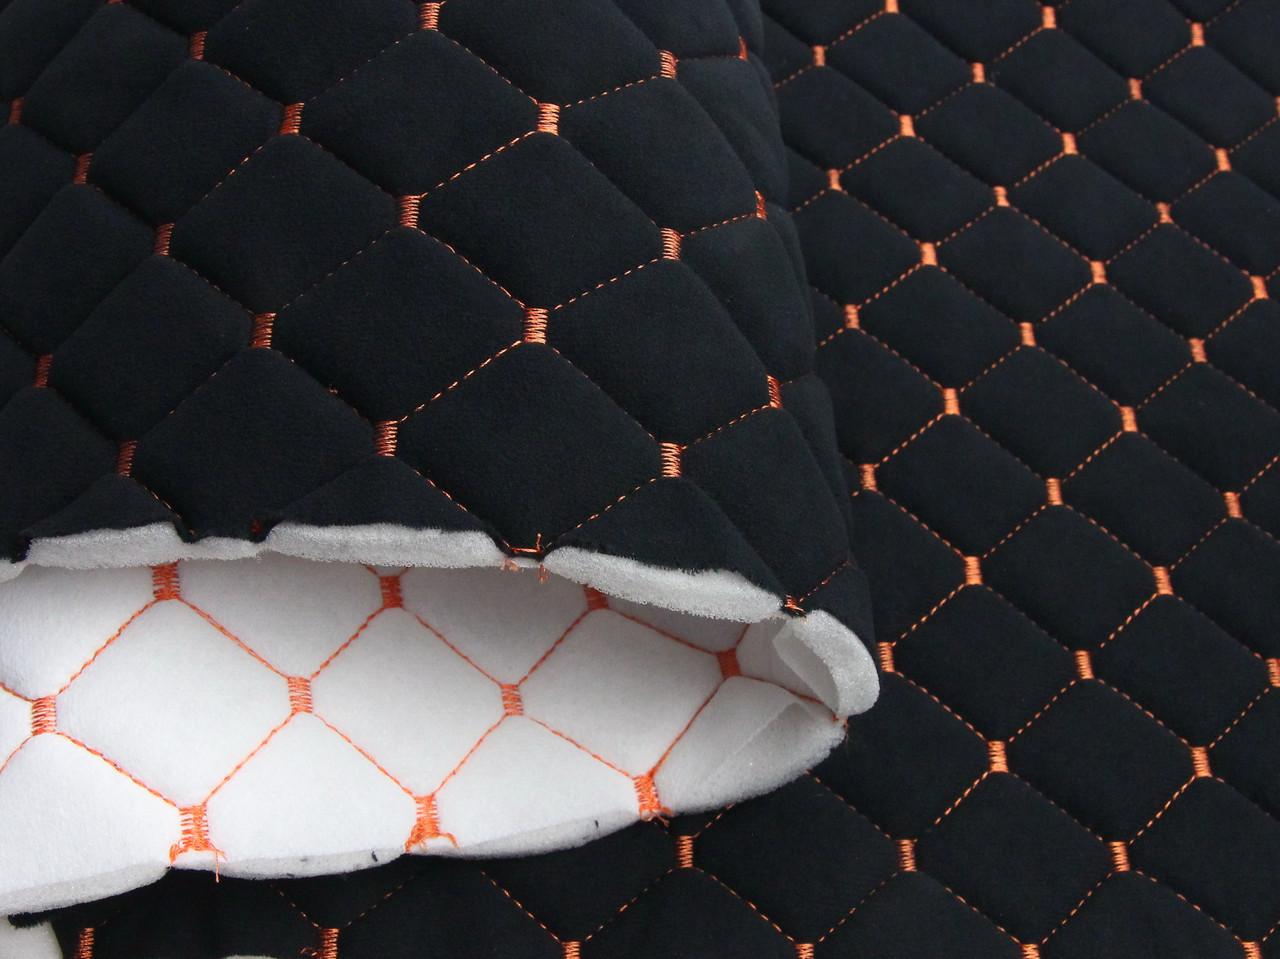 Велюр стёганый черный «Ромб» (прошитый оранжевой нитью) поролоном и флизелином шир 1,40м